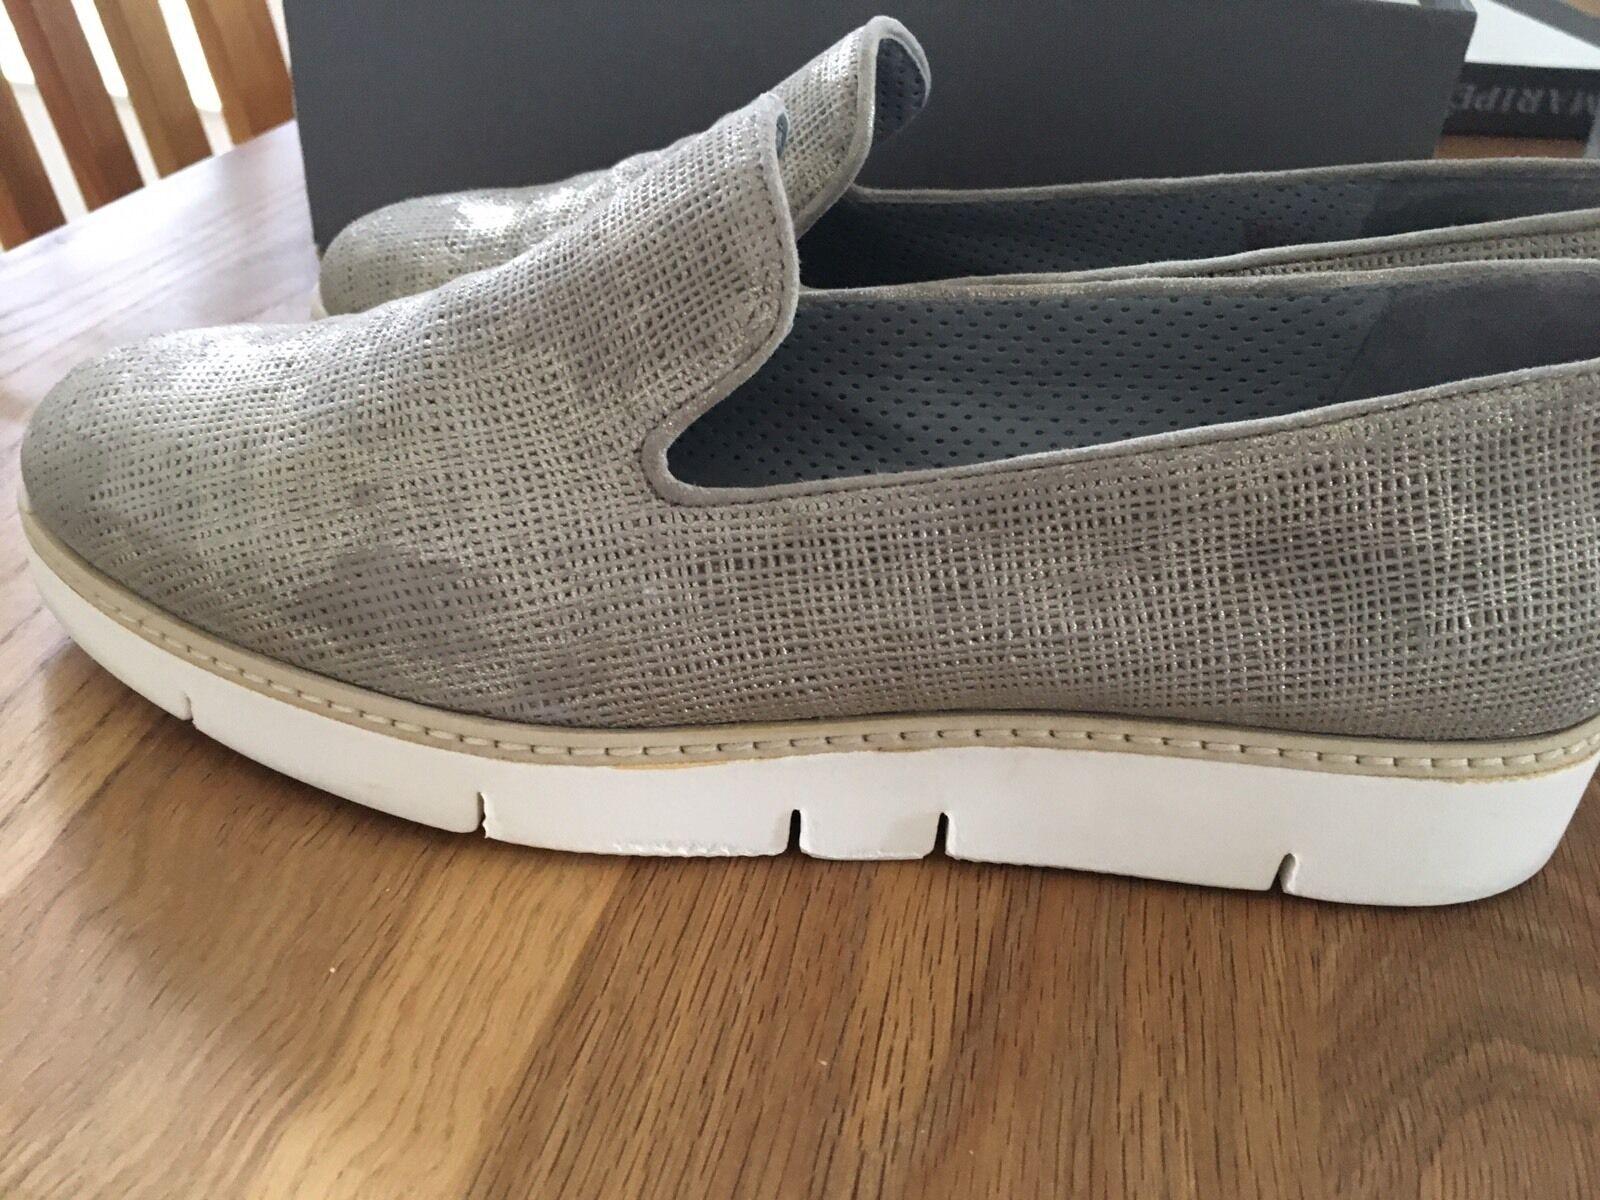 Maripe Halbschuhe/Loafers Größe Größe Größe 40, einmal getragen cd48ec